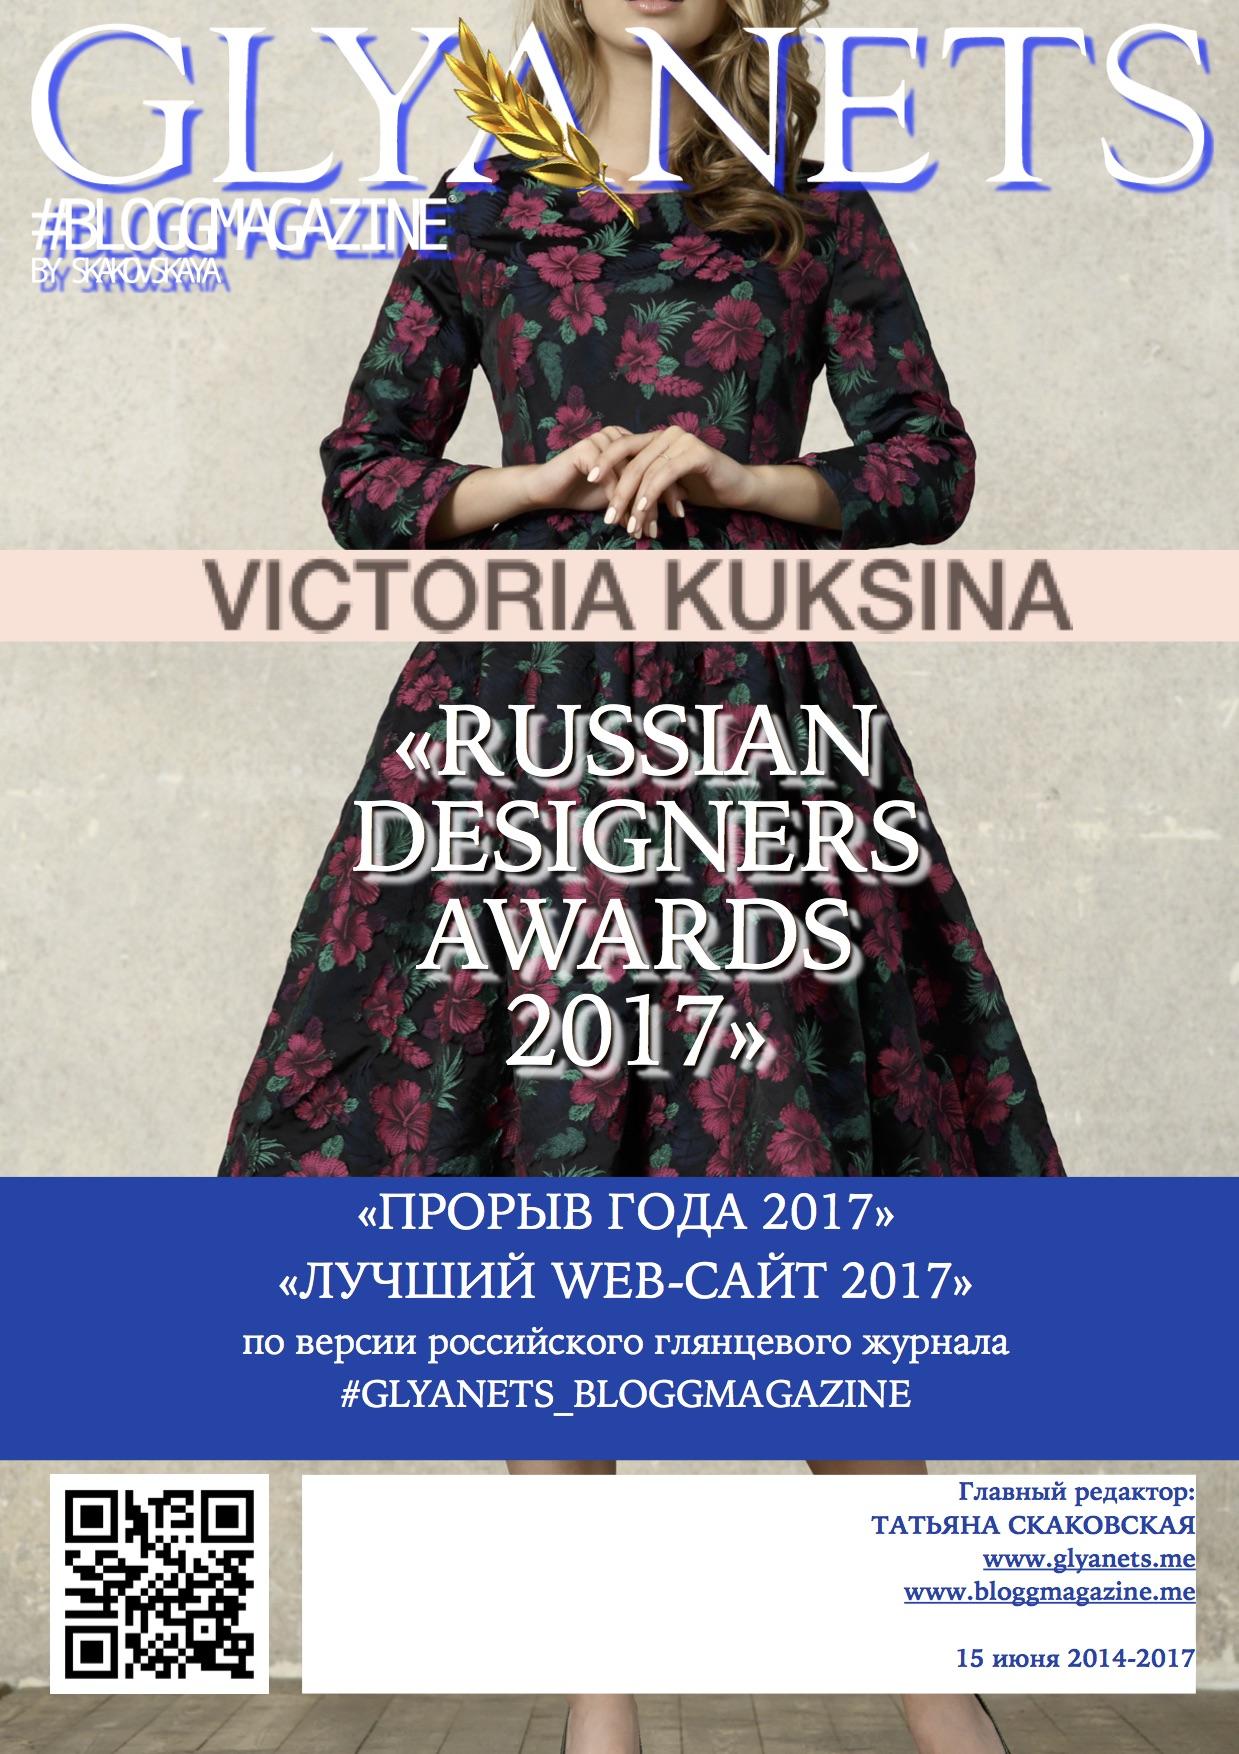 Victoria Kuksina